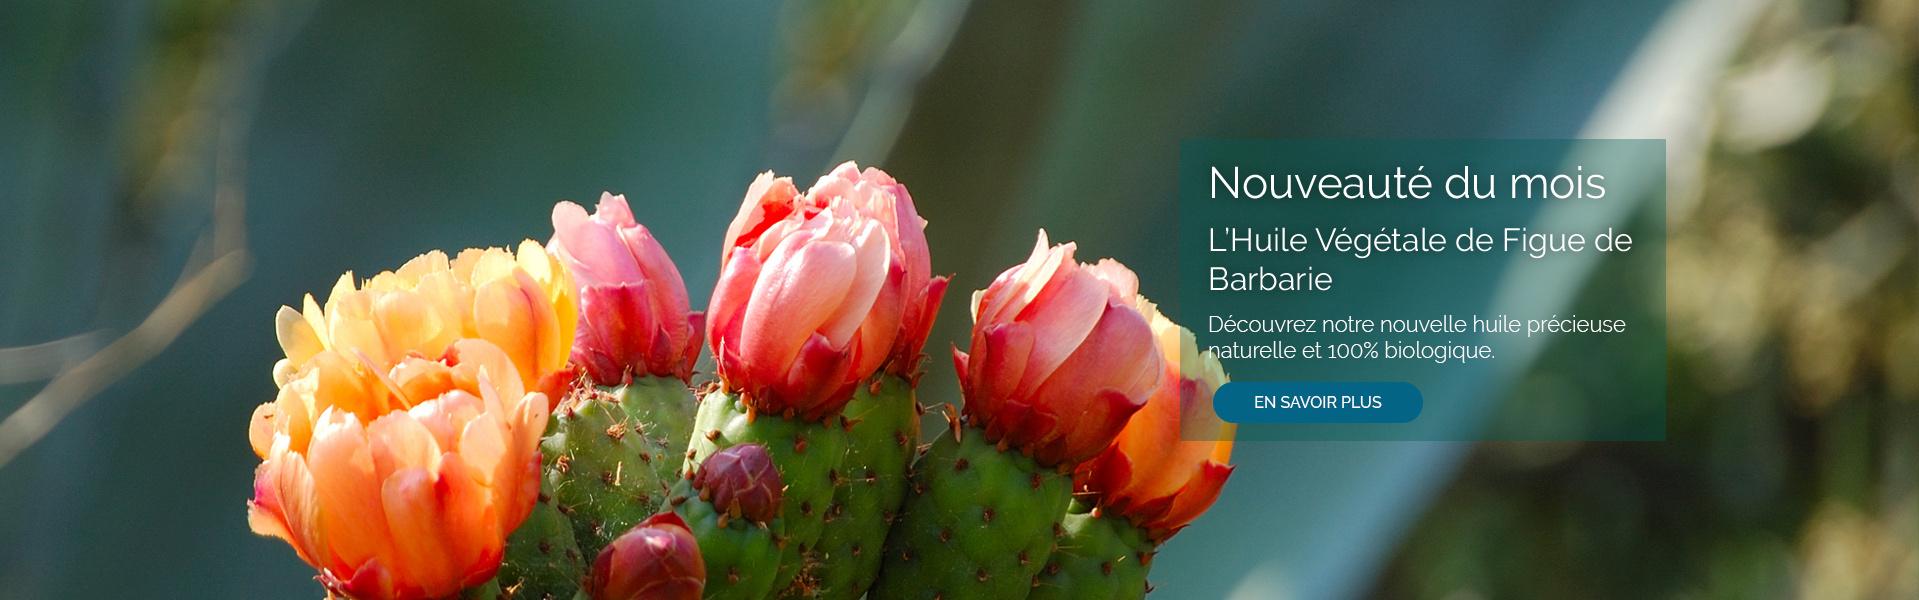 Huile Végétale de Figue de Barbarie. Découvrez notre nouvelle huile précieuse 100% naturelle est  biologique.